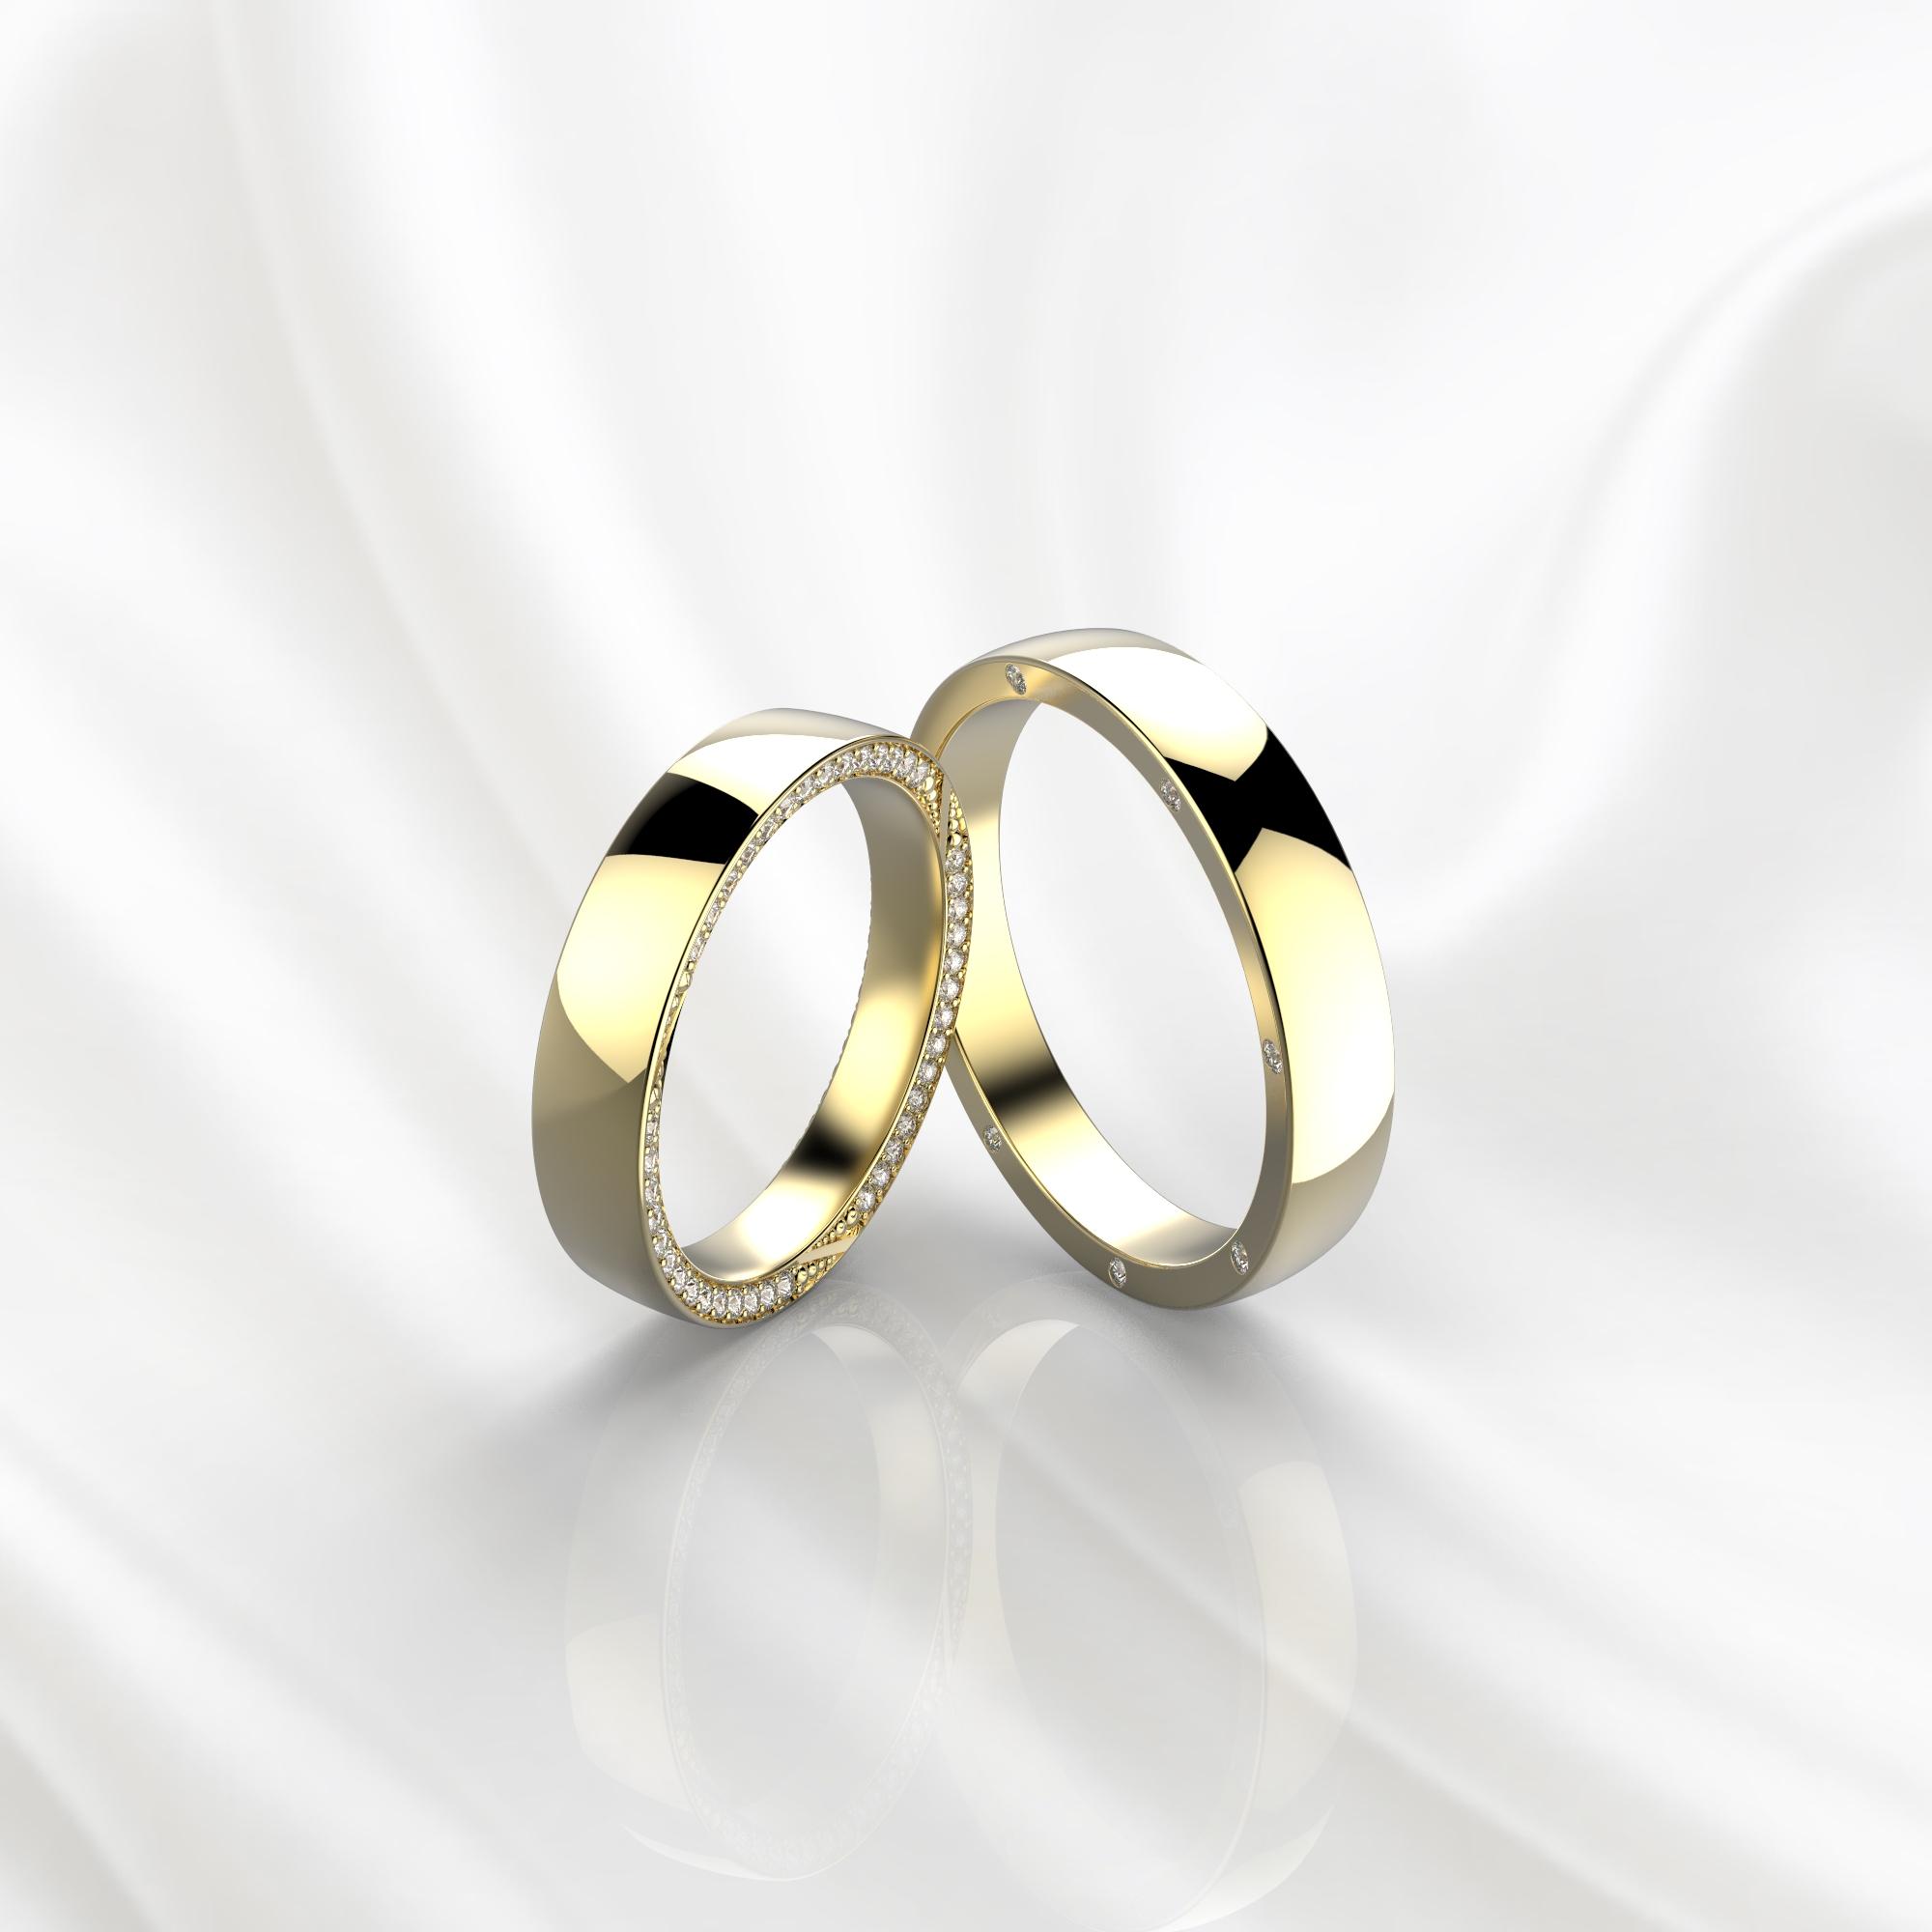 NV72 Парные обручальные кольца из желтого золота с бриллиантами